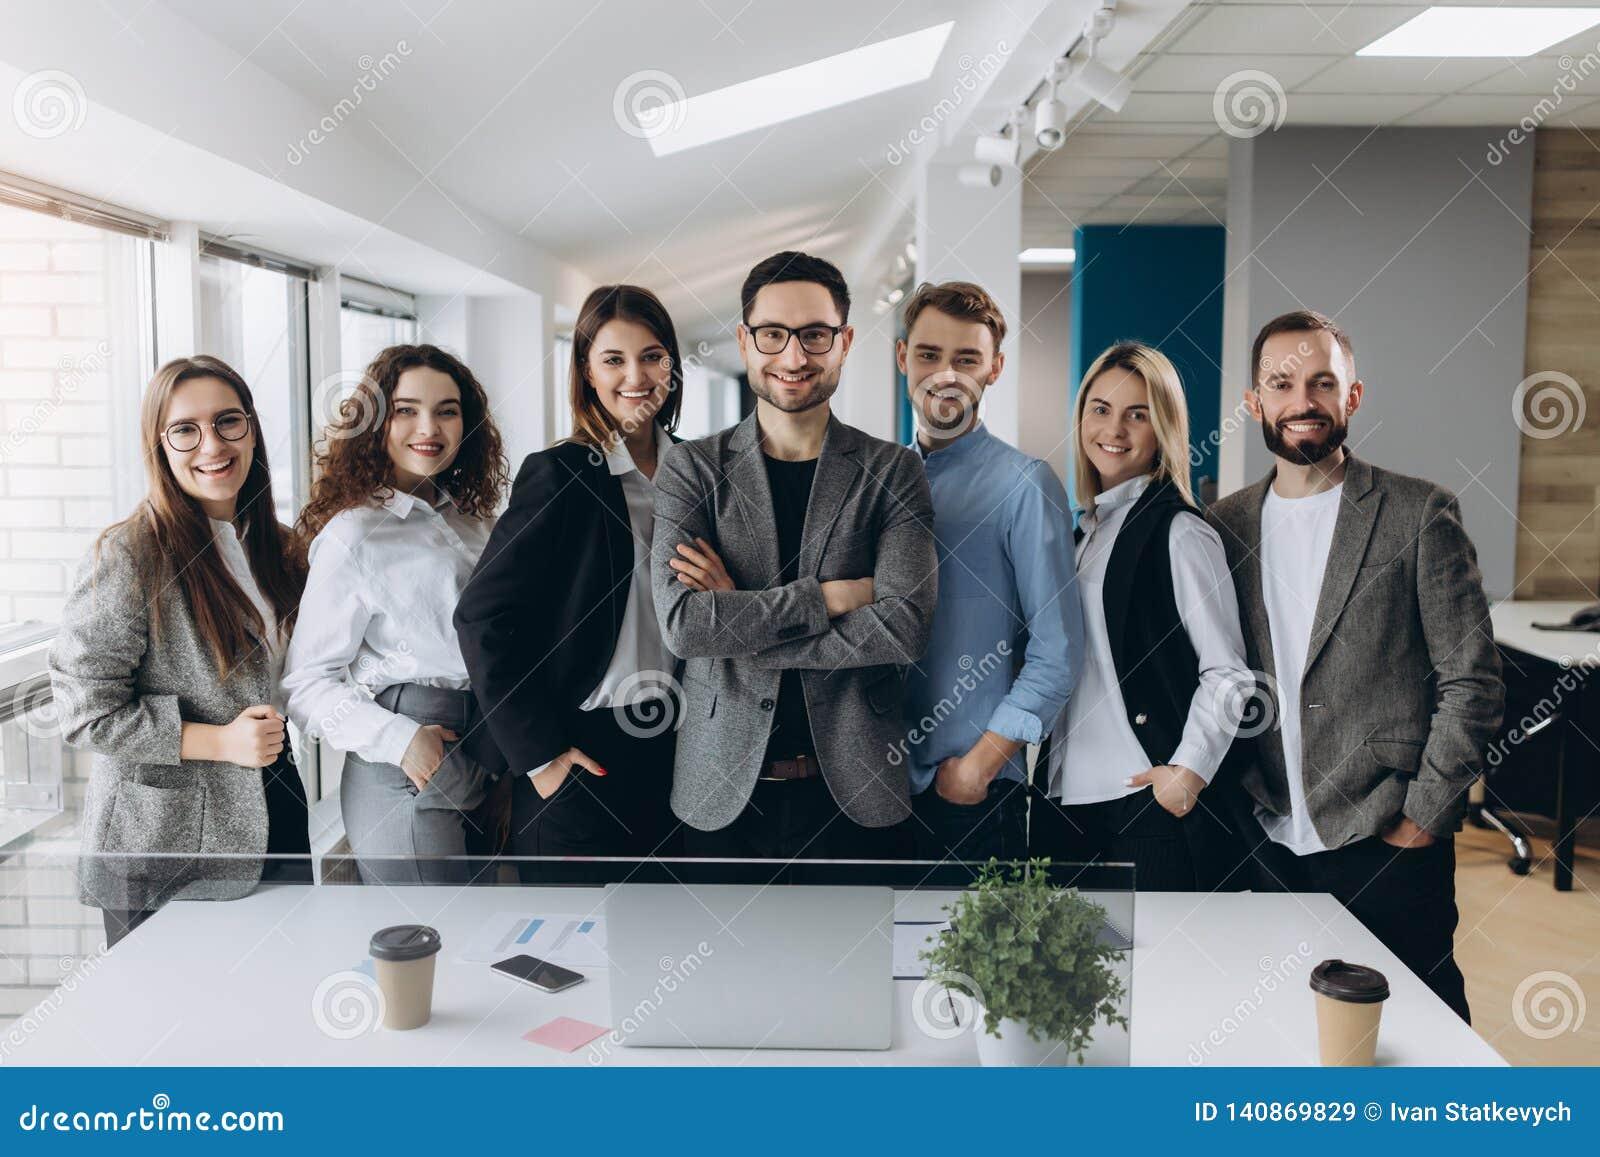 Stående av en le grupp av olika företags kollegor som i rad står tillsammans i ett ljust modernt kontor